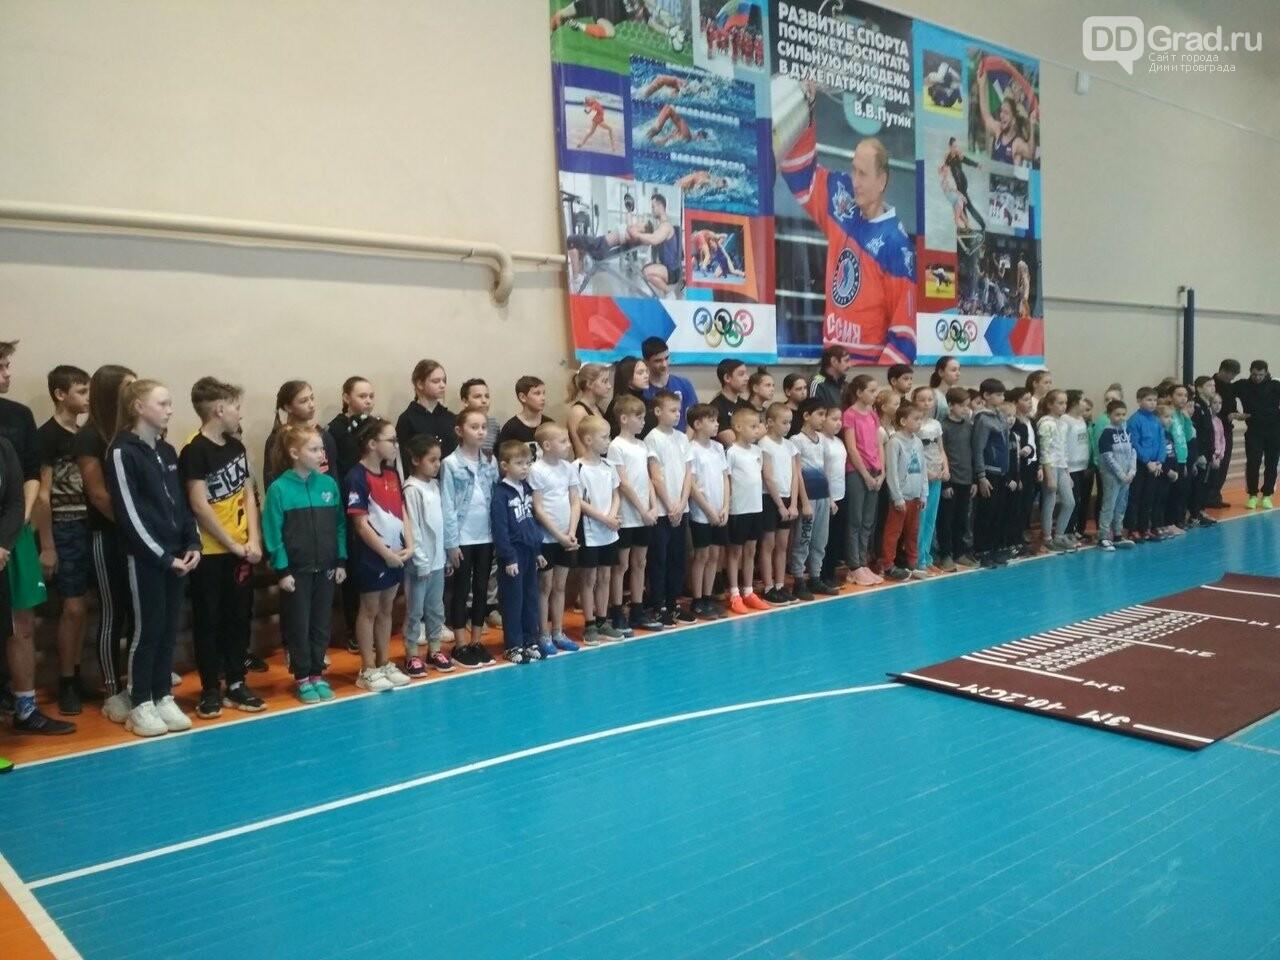 Почти 100 школьников стали участниками фестиваля ГТО в Мелекесском районе, фото-1